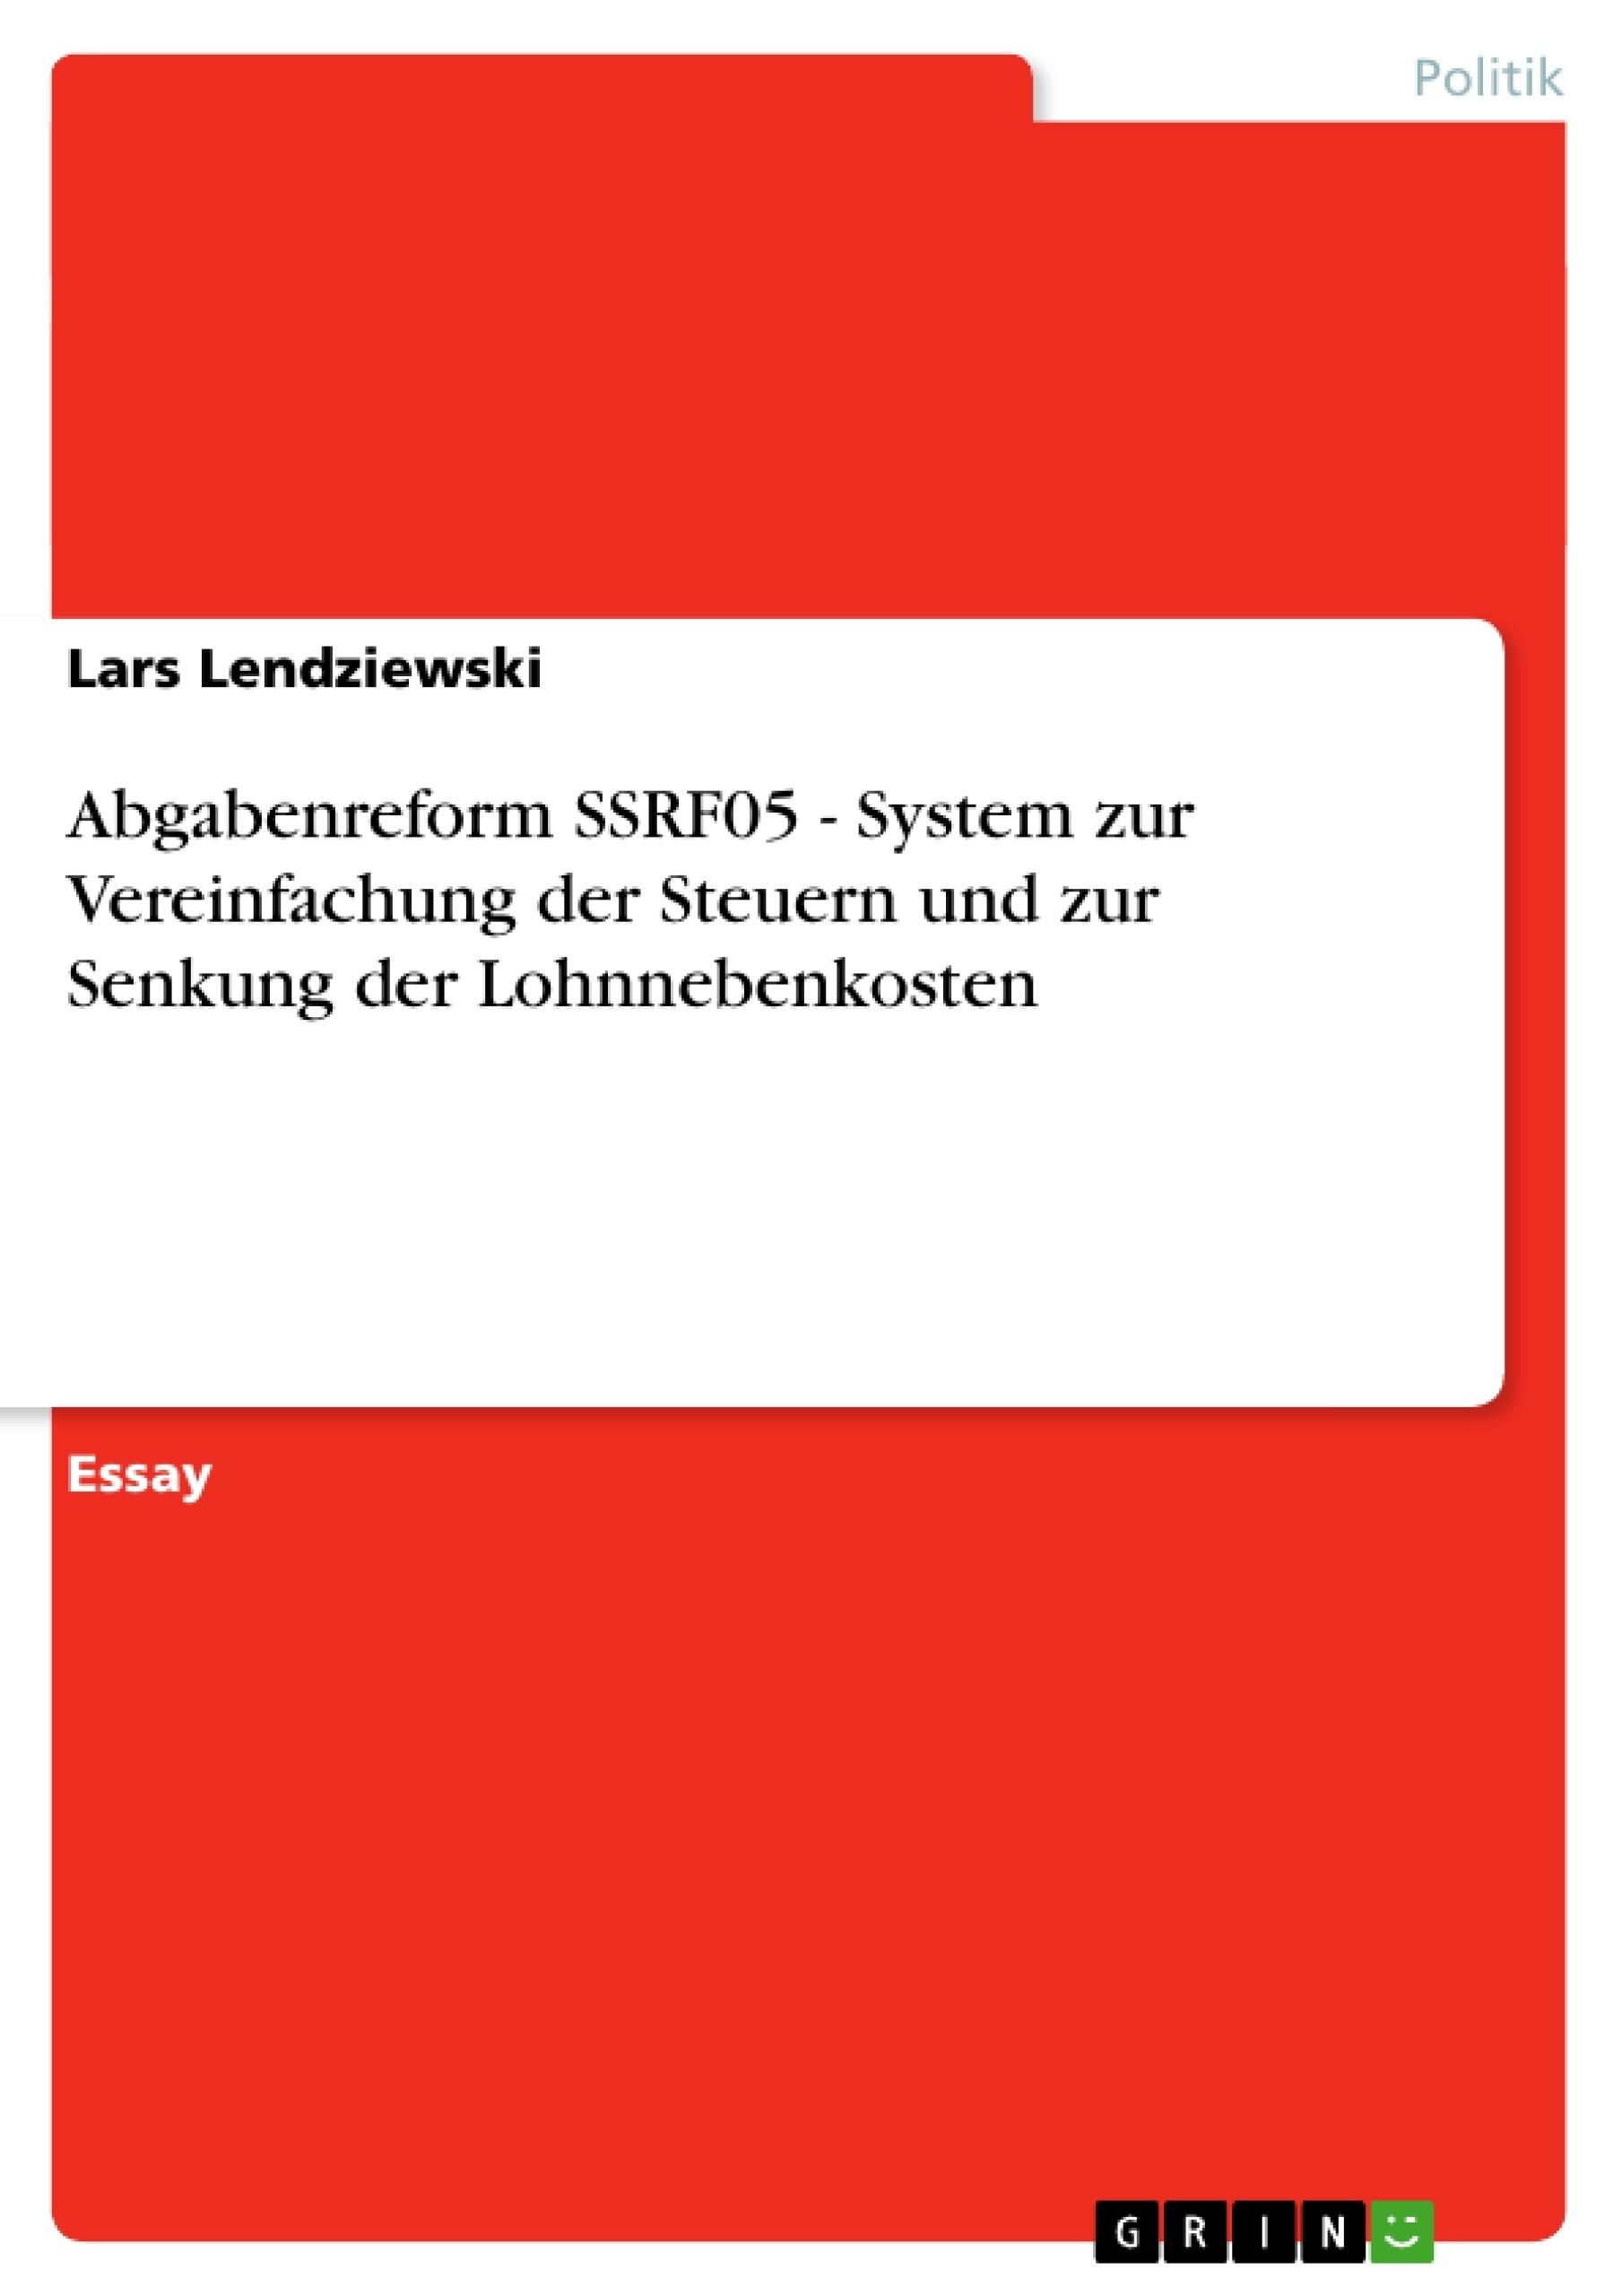 Titel: Abgabenreform SSRF05 - System zur Vereinfachung der Steuern und zur Senkung der Lohnnebenkosten